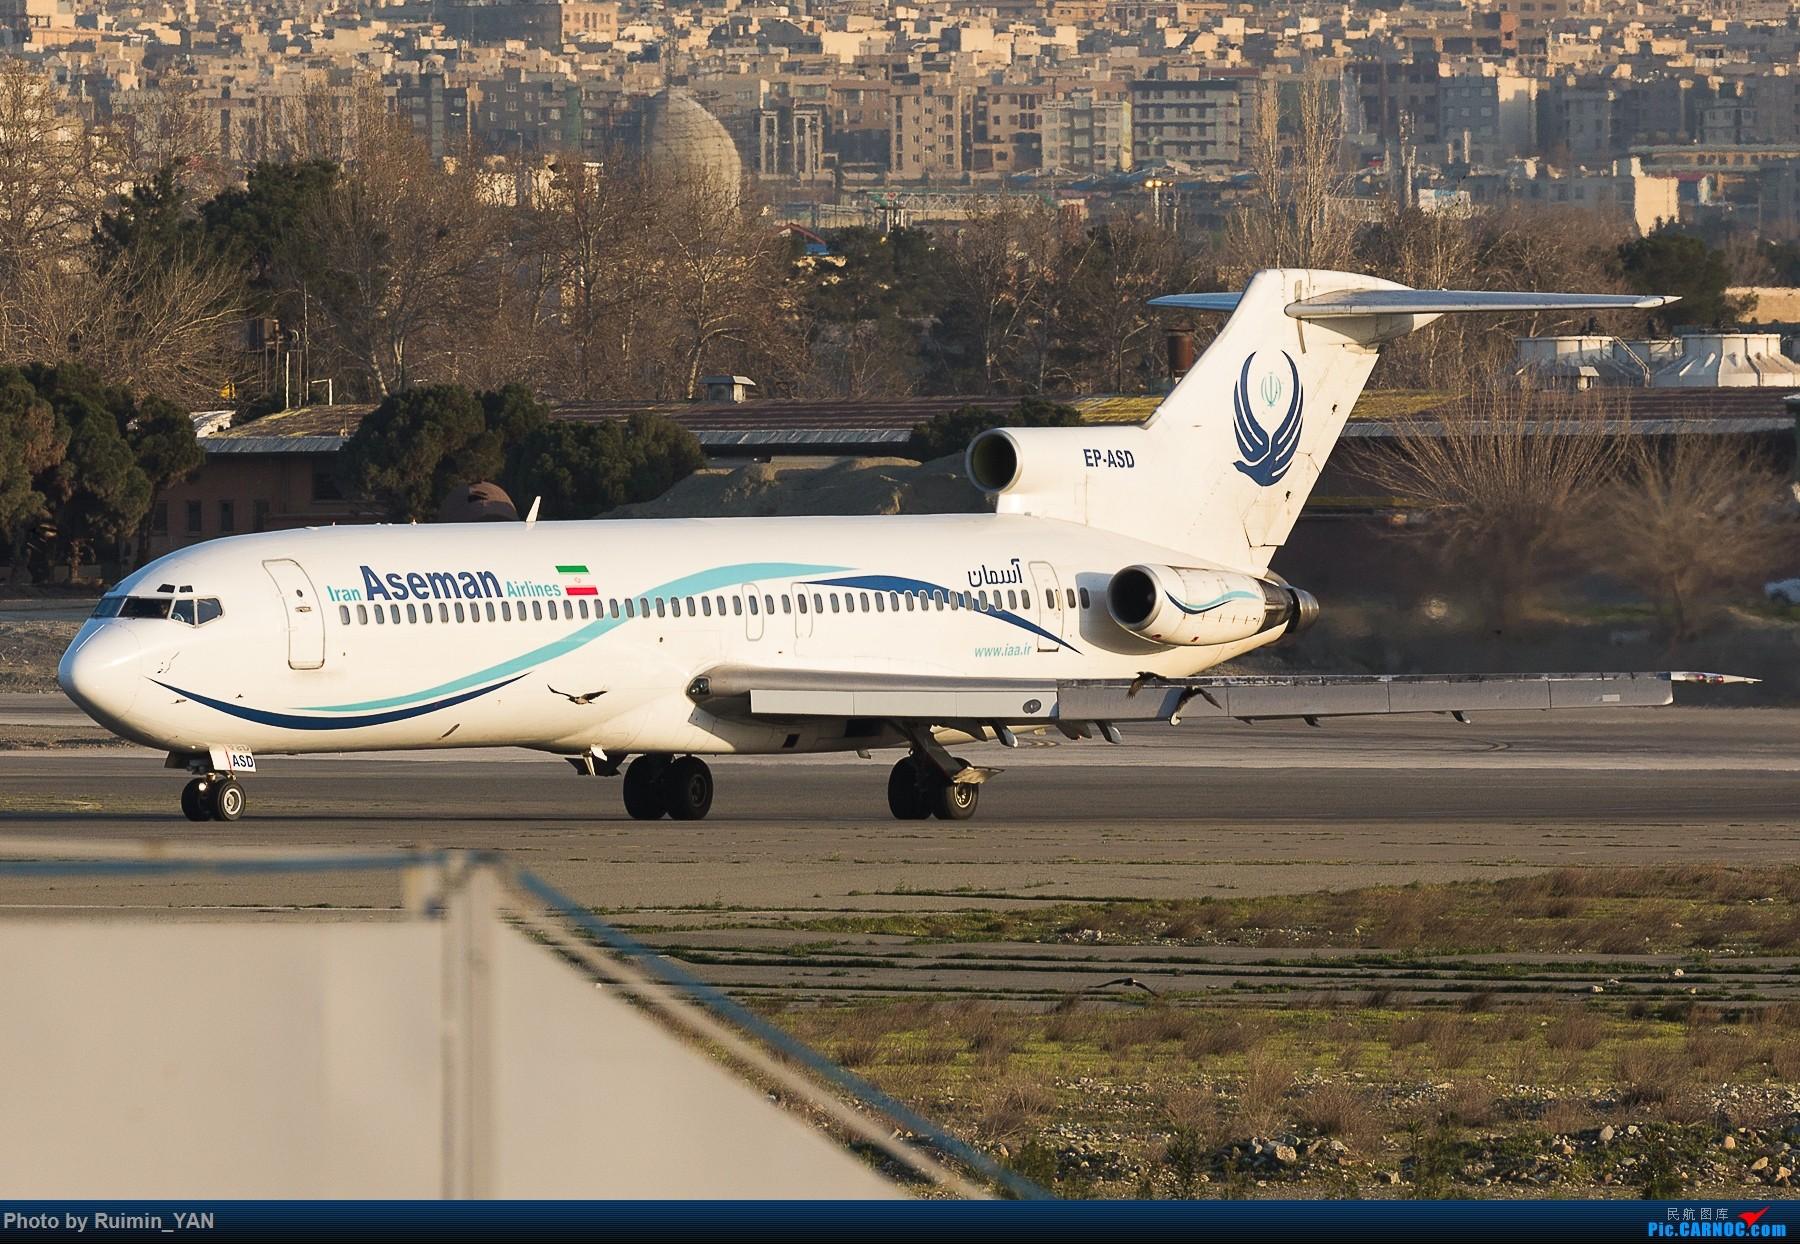 [原创]【THR】(德黑兰梅赫拉巴德机场)【波音727】伊朗阿斯曼航空现役所有波音727(Iran Aseman Airlines,EP) BOEING 727-200 EP-ASD 德黑兰梅赫拉巴德国际机场